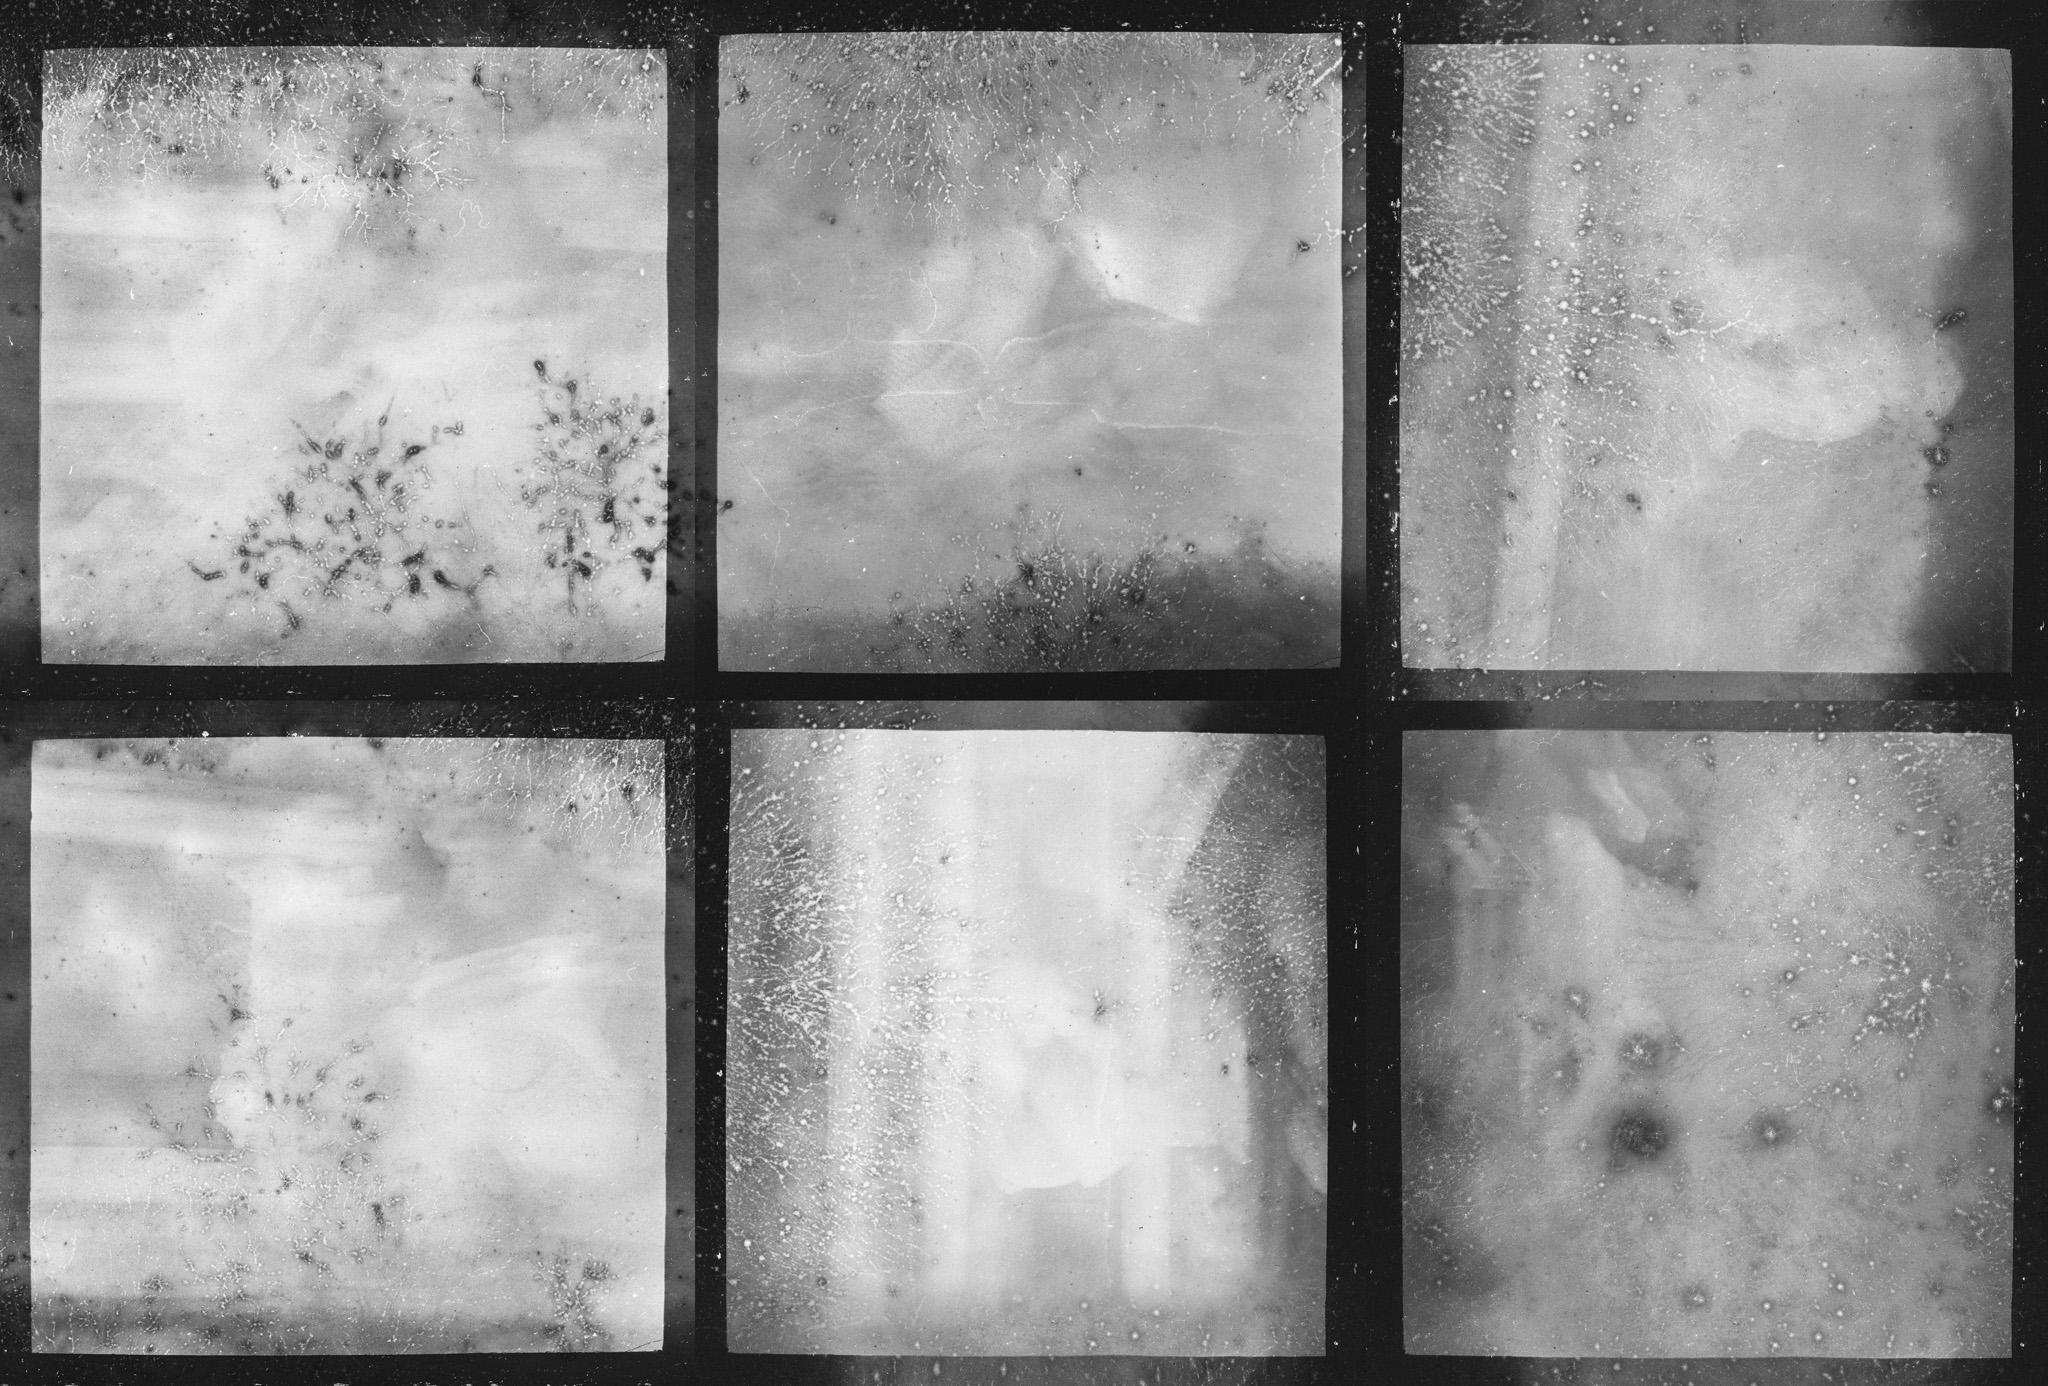 Developed Film Found in a Box Camera